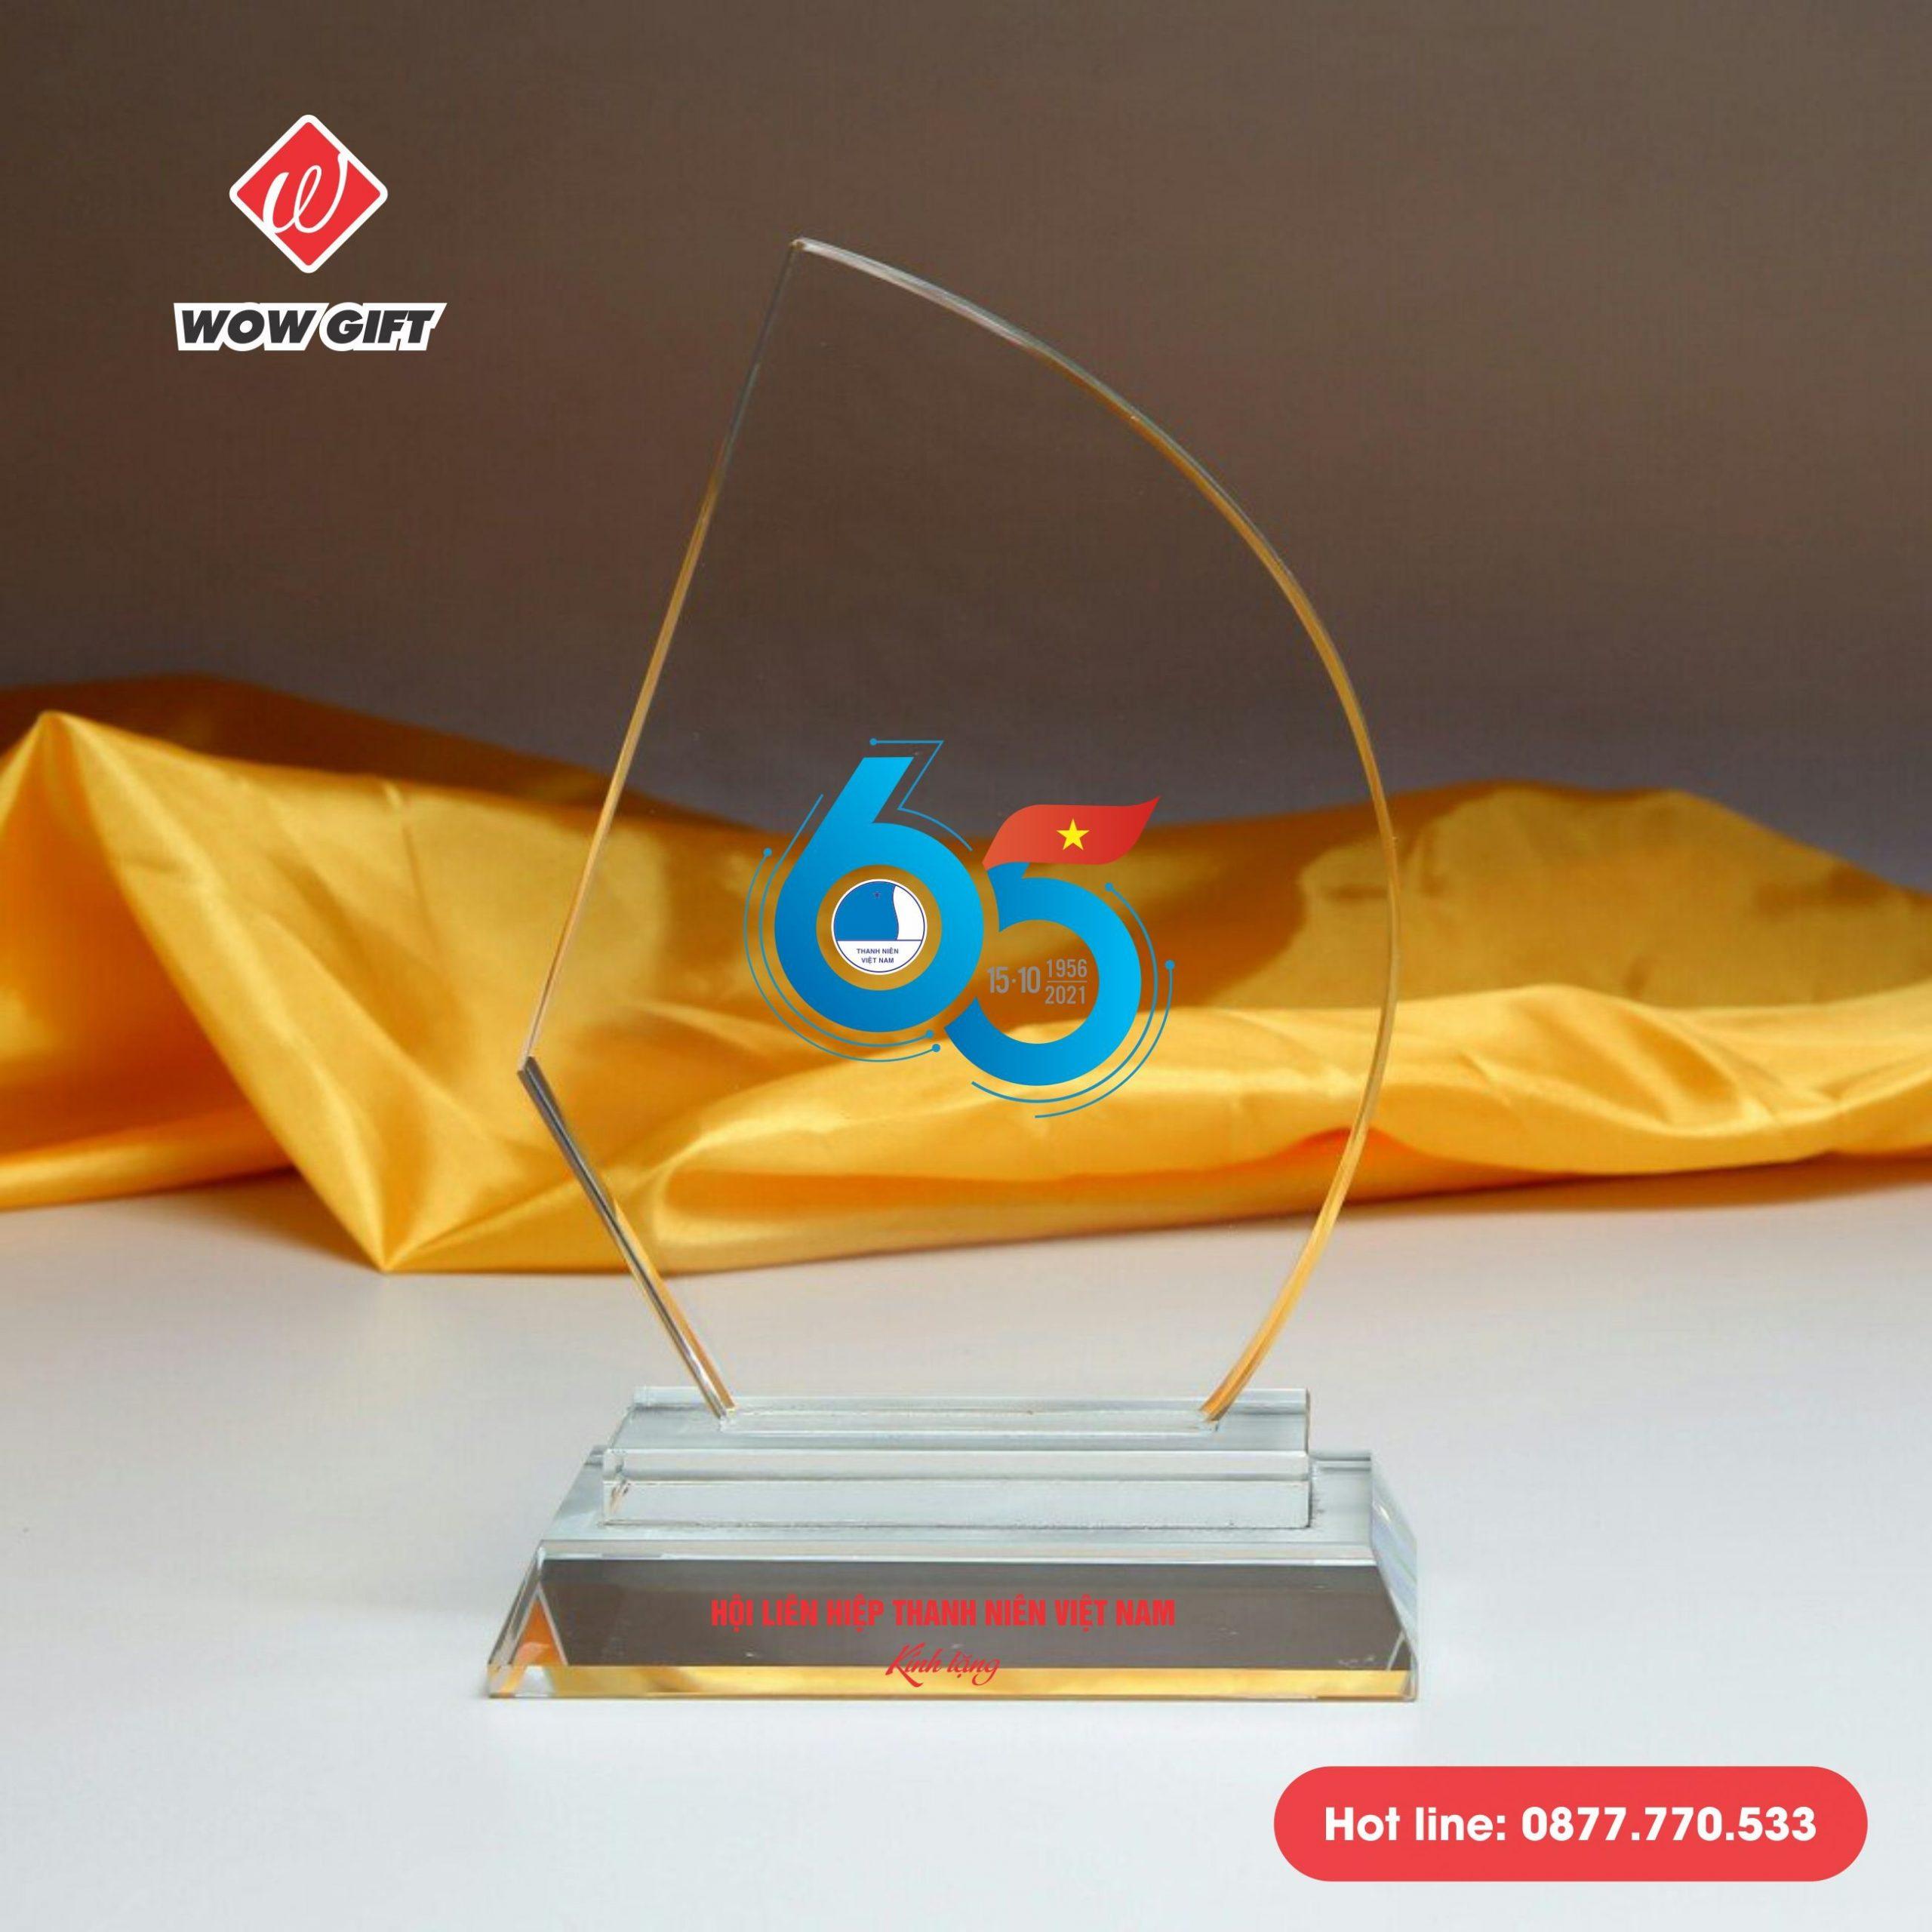 quà tặng kỷ niệm 65 năm ngày truyền thống kỷ niệm chương pha lê